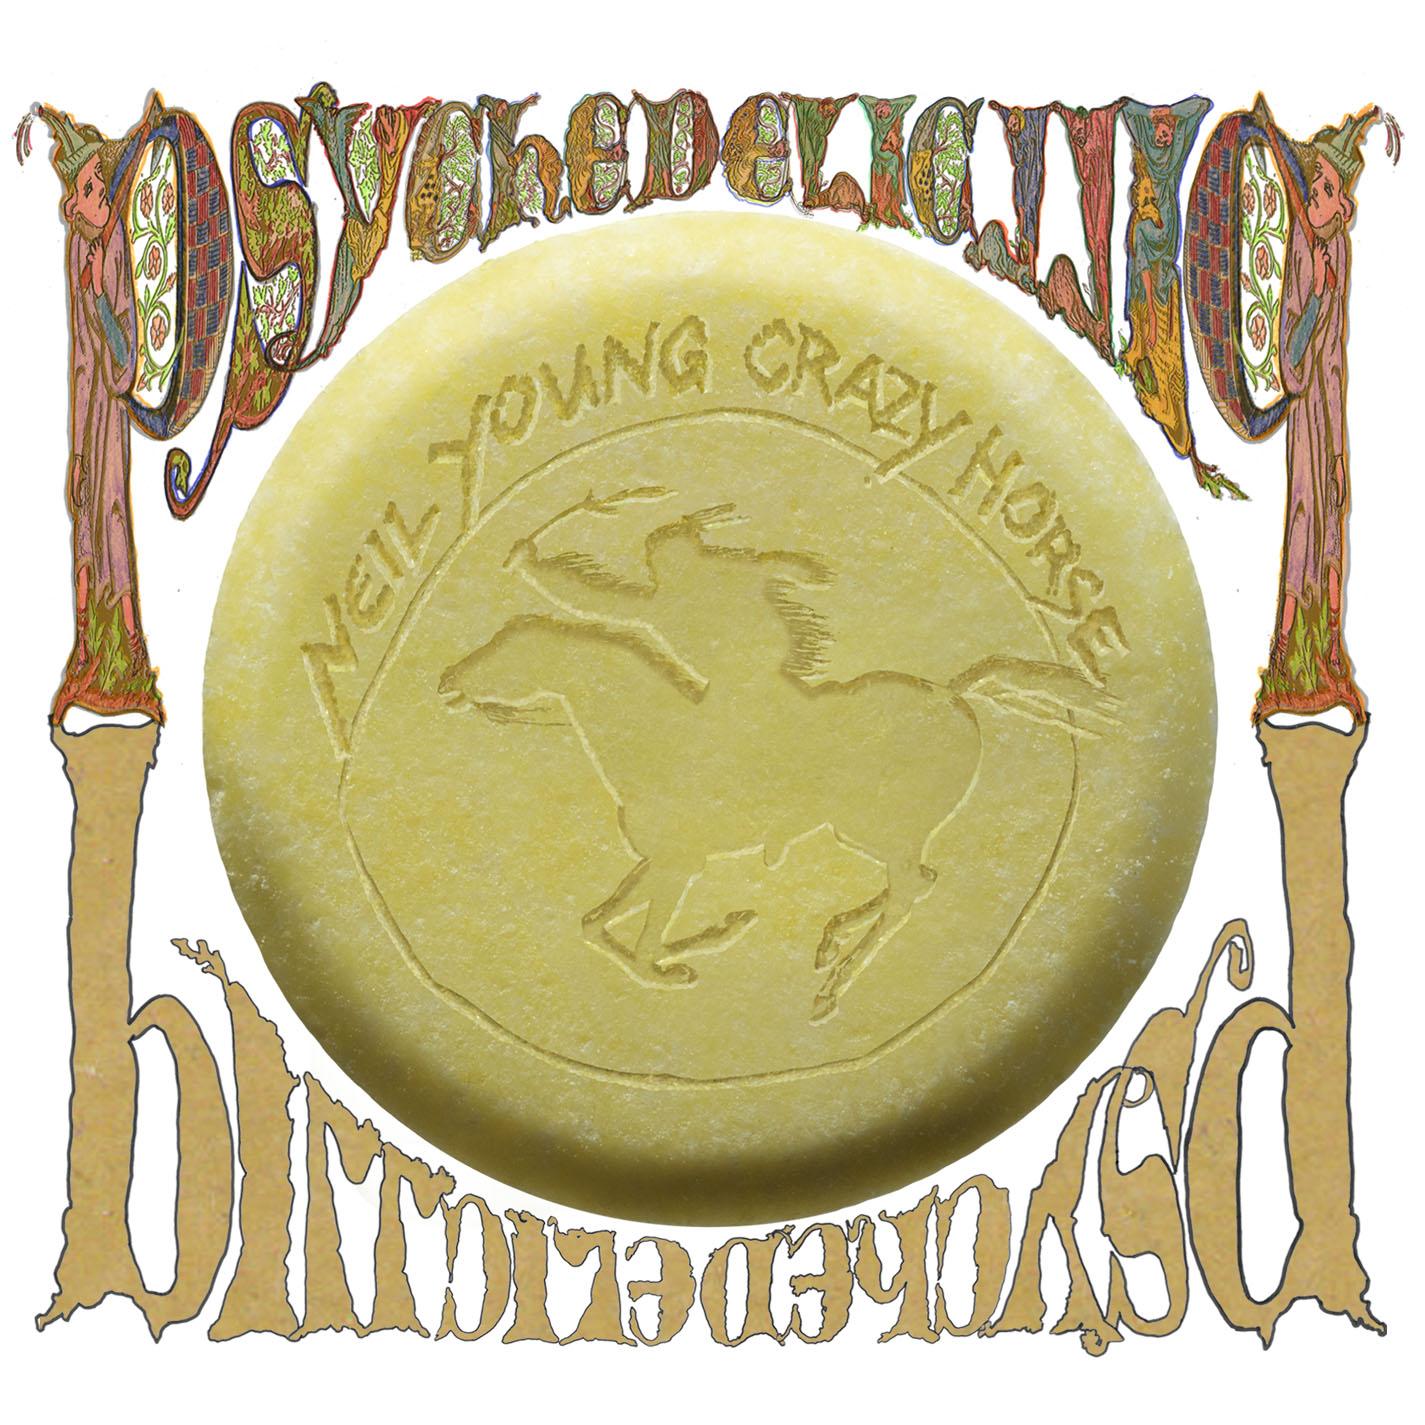 http://4.bp.blogspot.com/-AHC_OvtSg2w/UJBzN3KWMXI/AAAAAAAADHI/6wNVpQ0MGdY/s1600/psychedelic-pill-extralarge_1347668138680.jpg